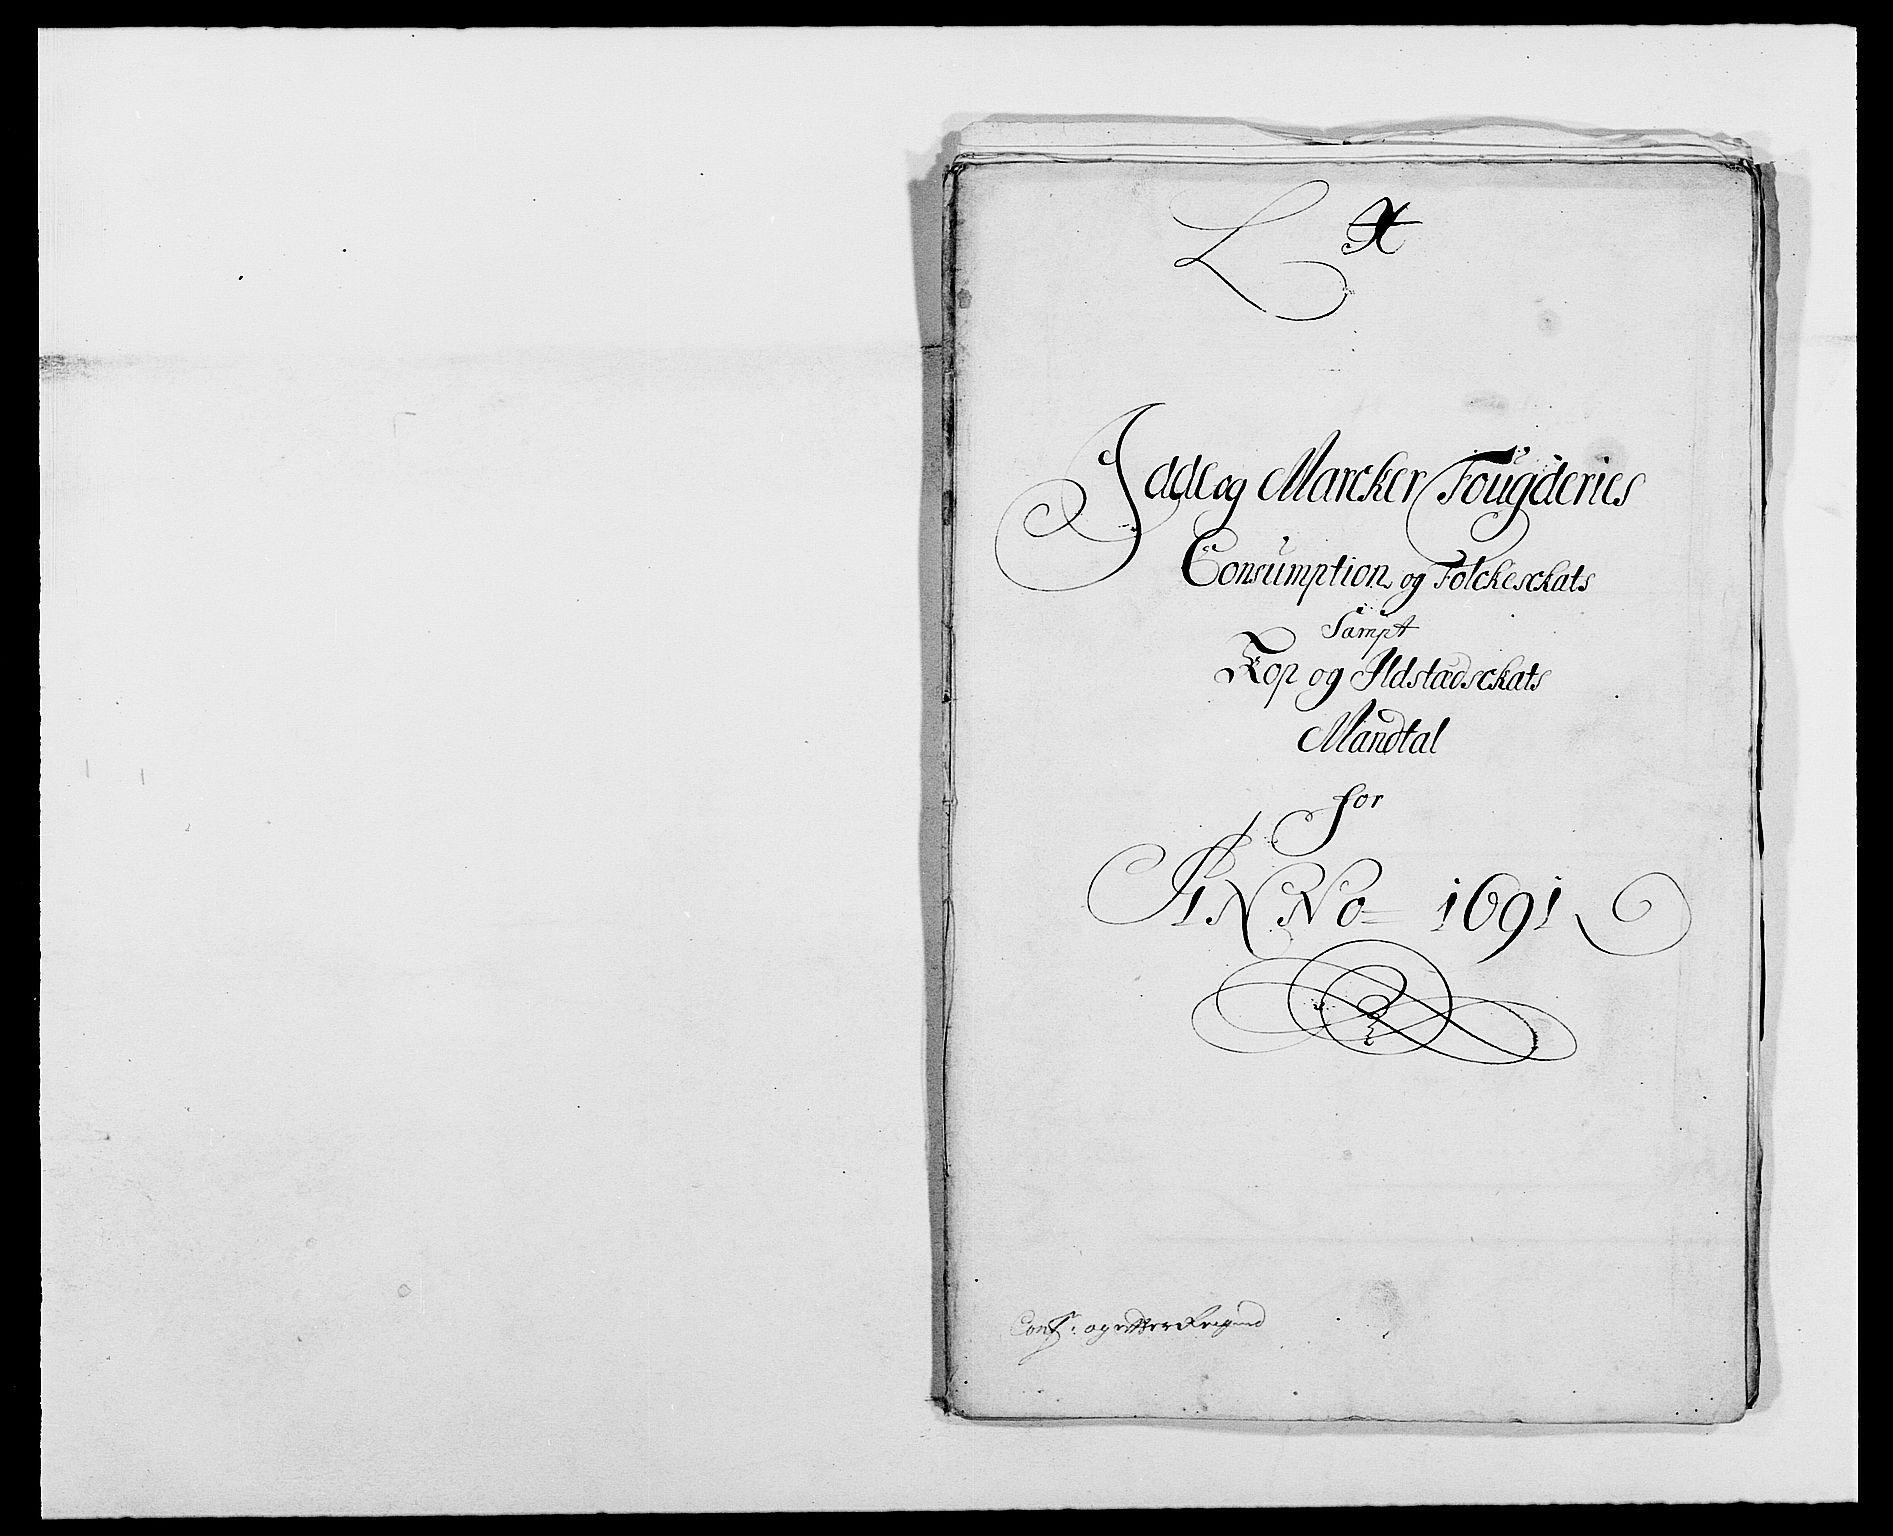 RA, Rentekammeret inntil 1814, Reviderte regnskaper, Fogderegnskap, R01/L0010: Fogderegnskap Idd og Marker, 1690-1691, p. 394